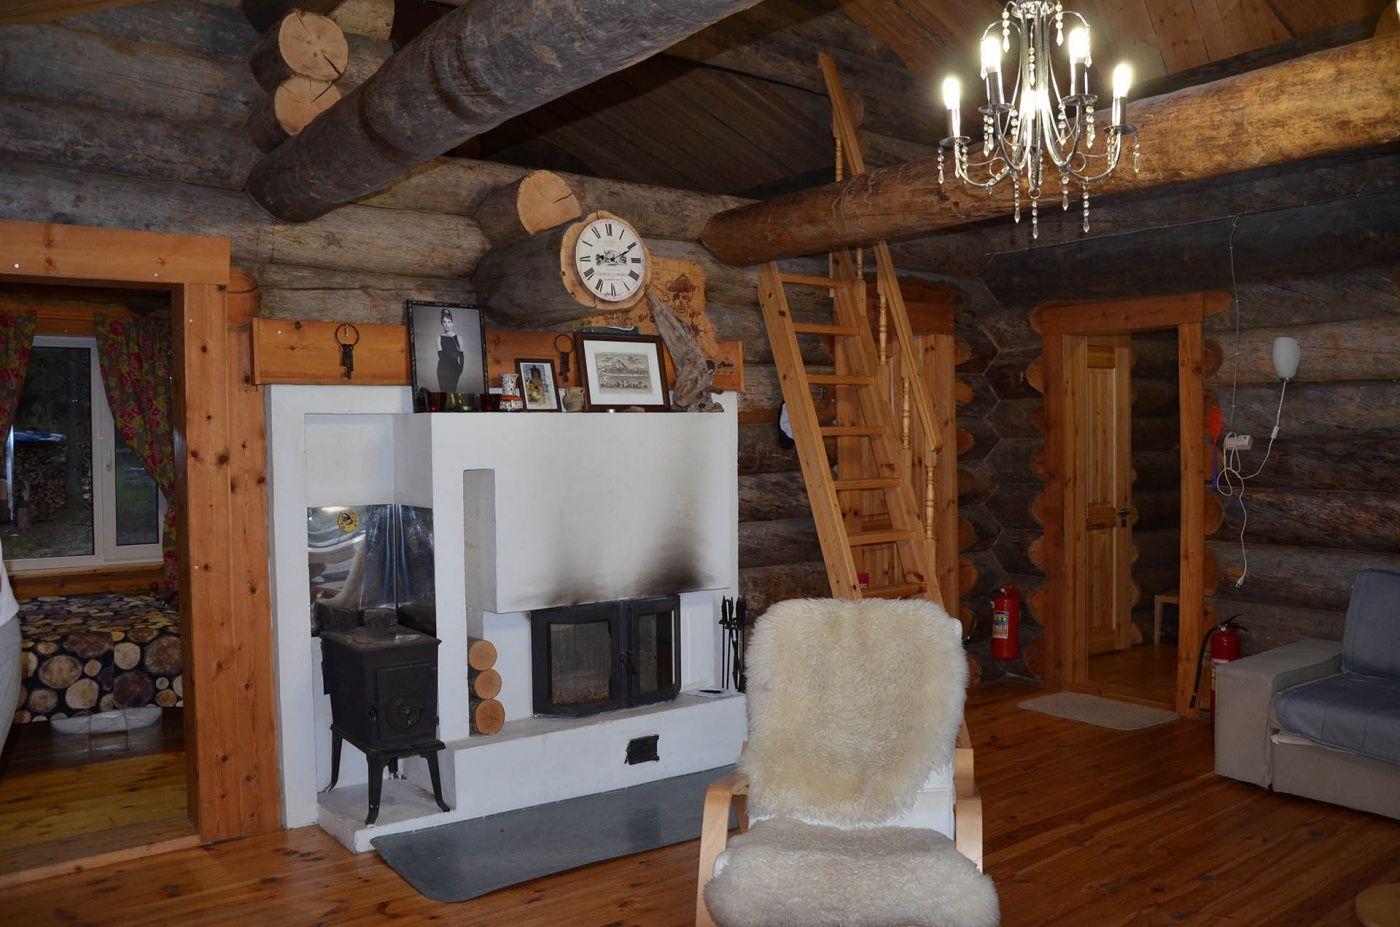 Комплекс гостевых домов «Karelia Village» Республика Карелия Коттедж «Ангенлахти-1», «Ангенлахти-2», «Ангенлахти-3», фото 8